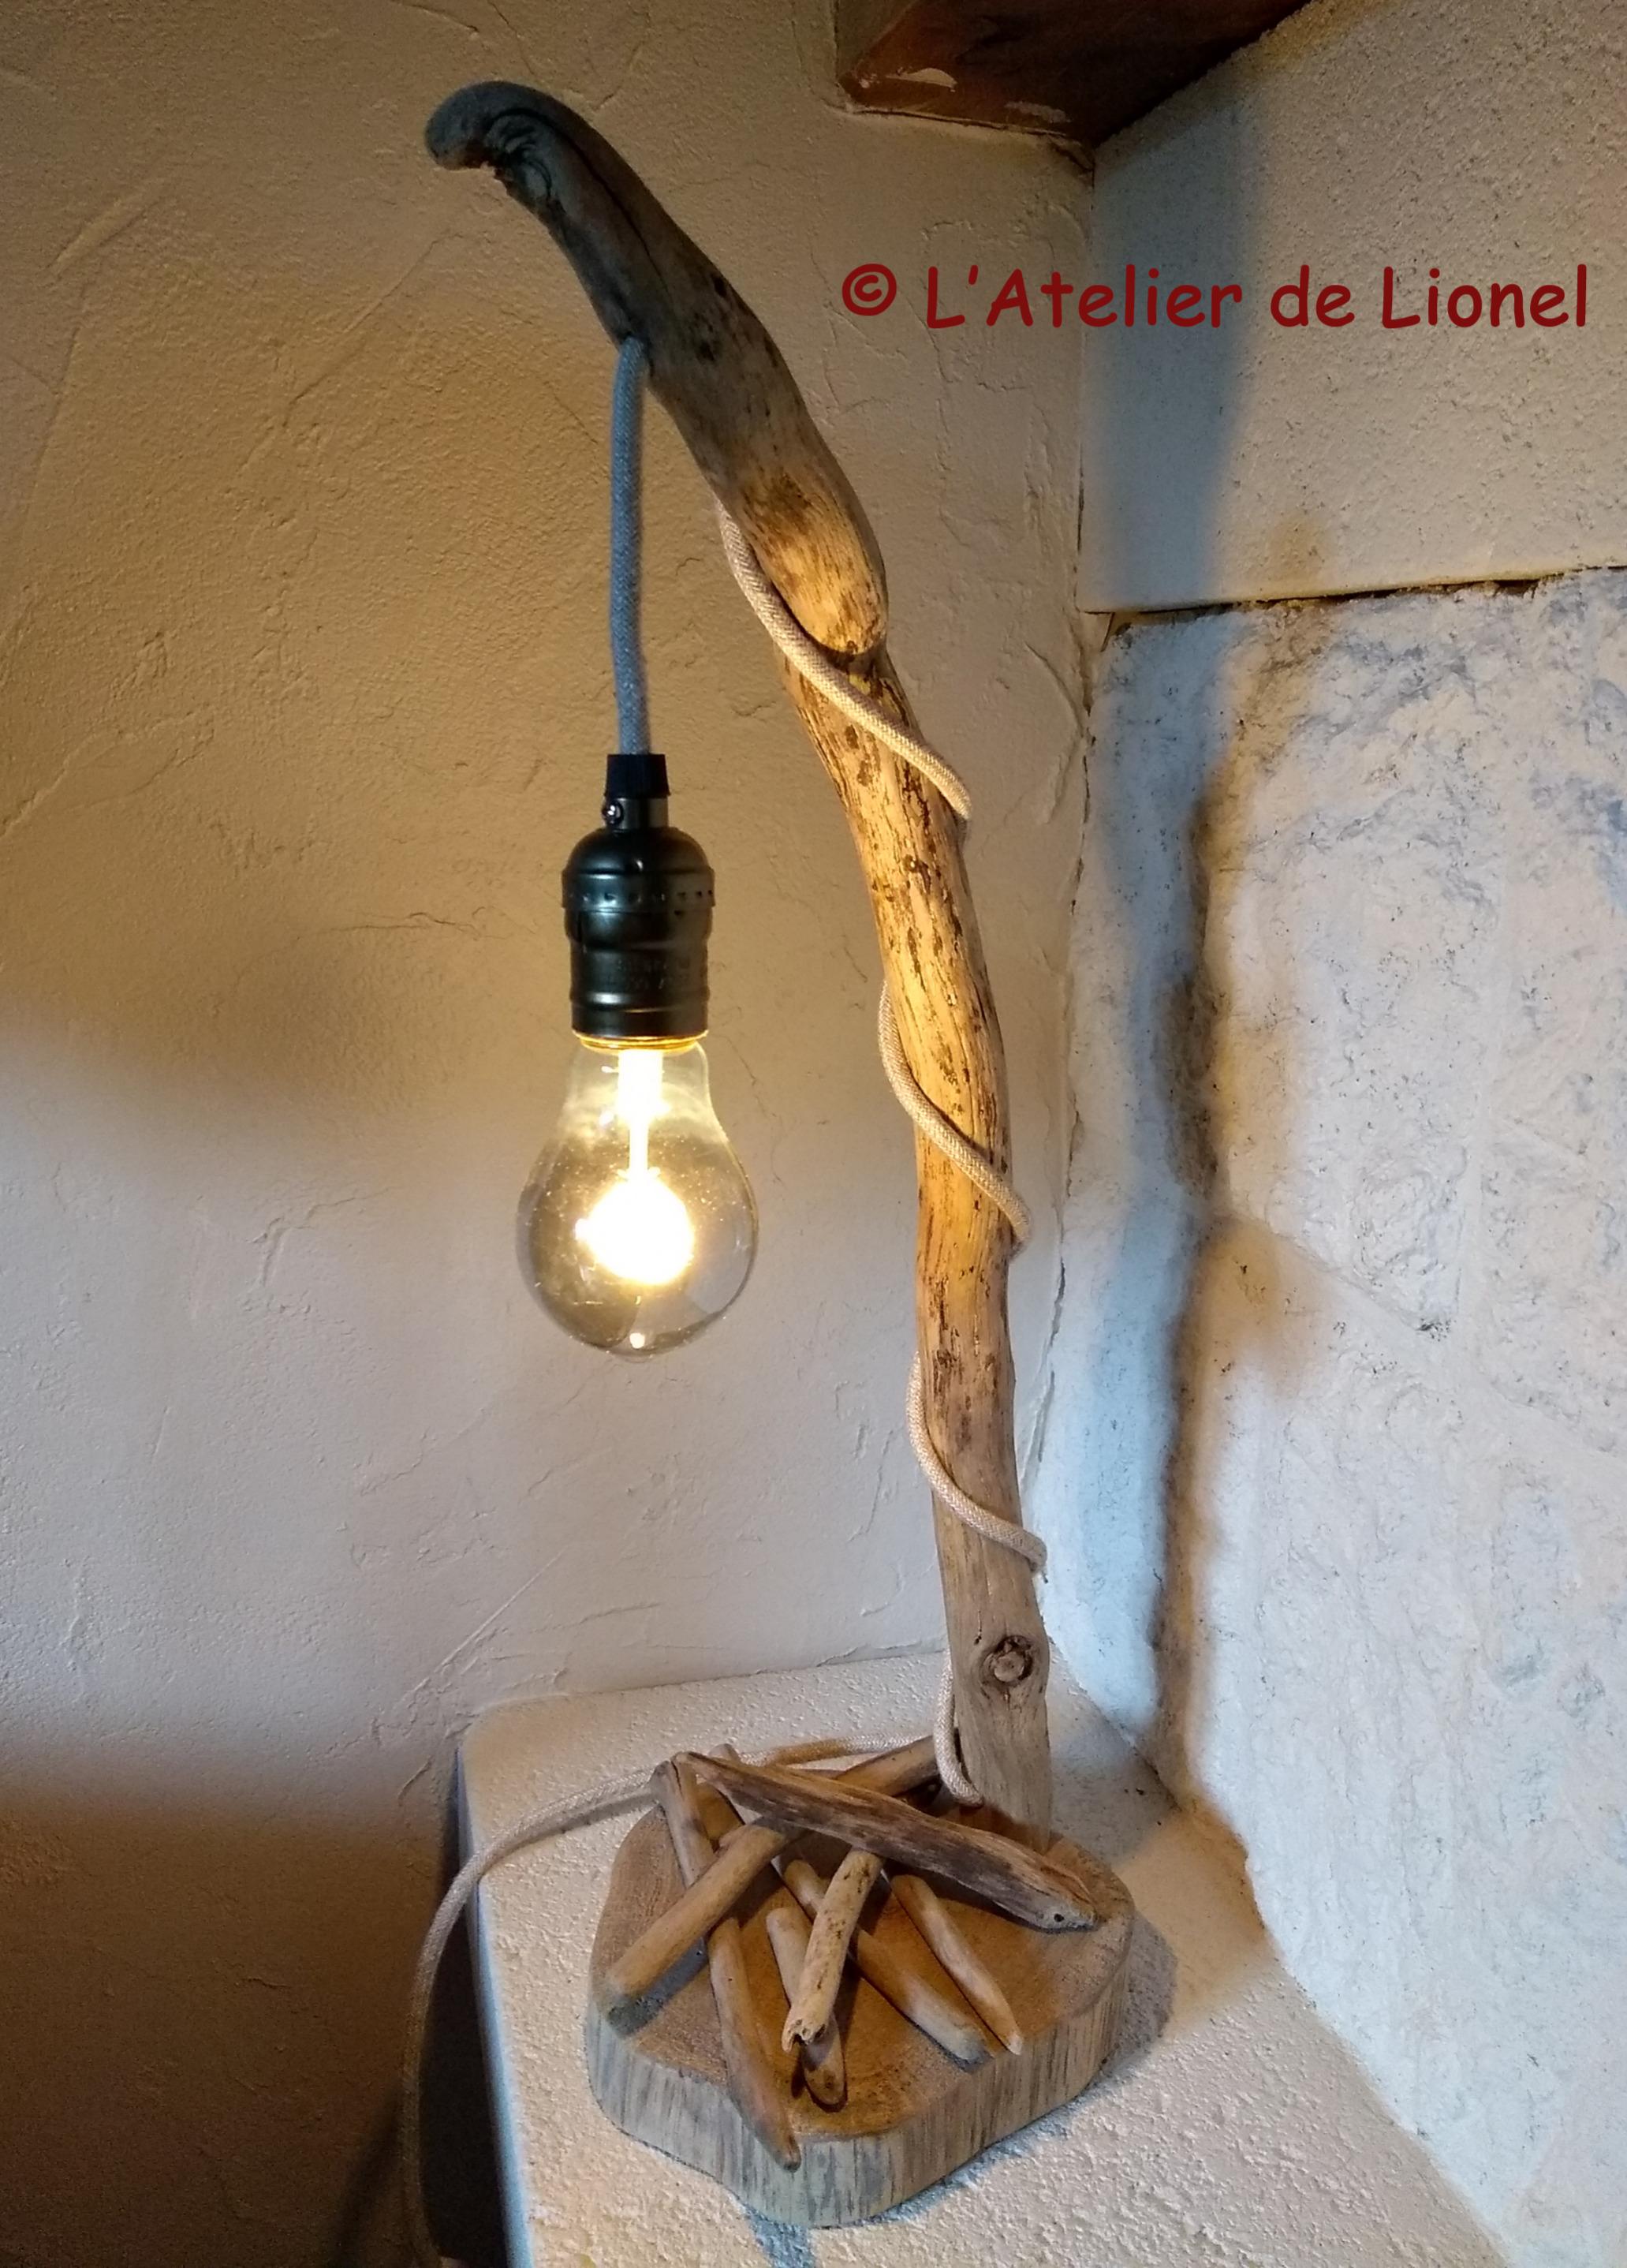 Créations En Bois Flotté bois flotté l'atelier de lionel créations artisanales fay